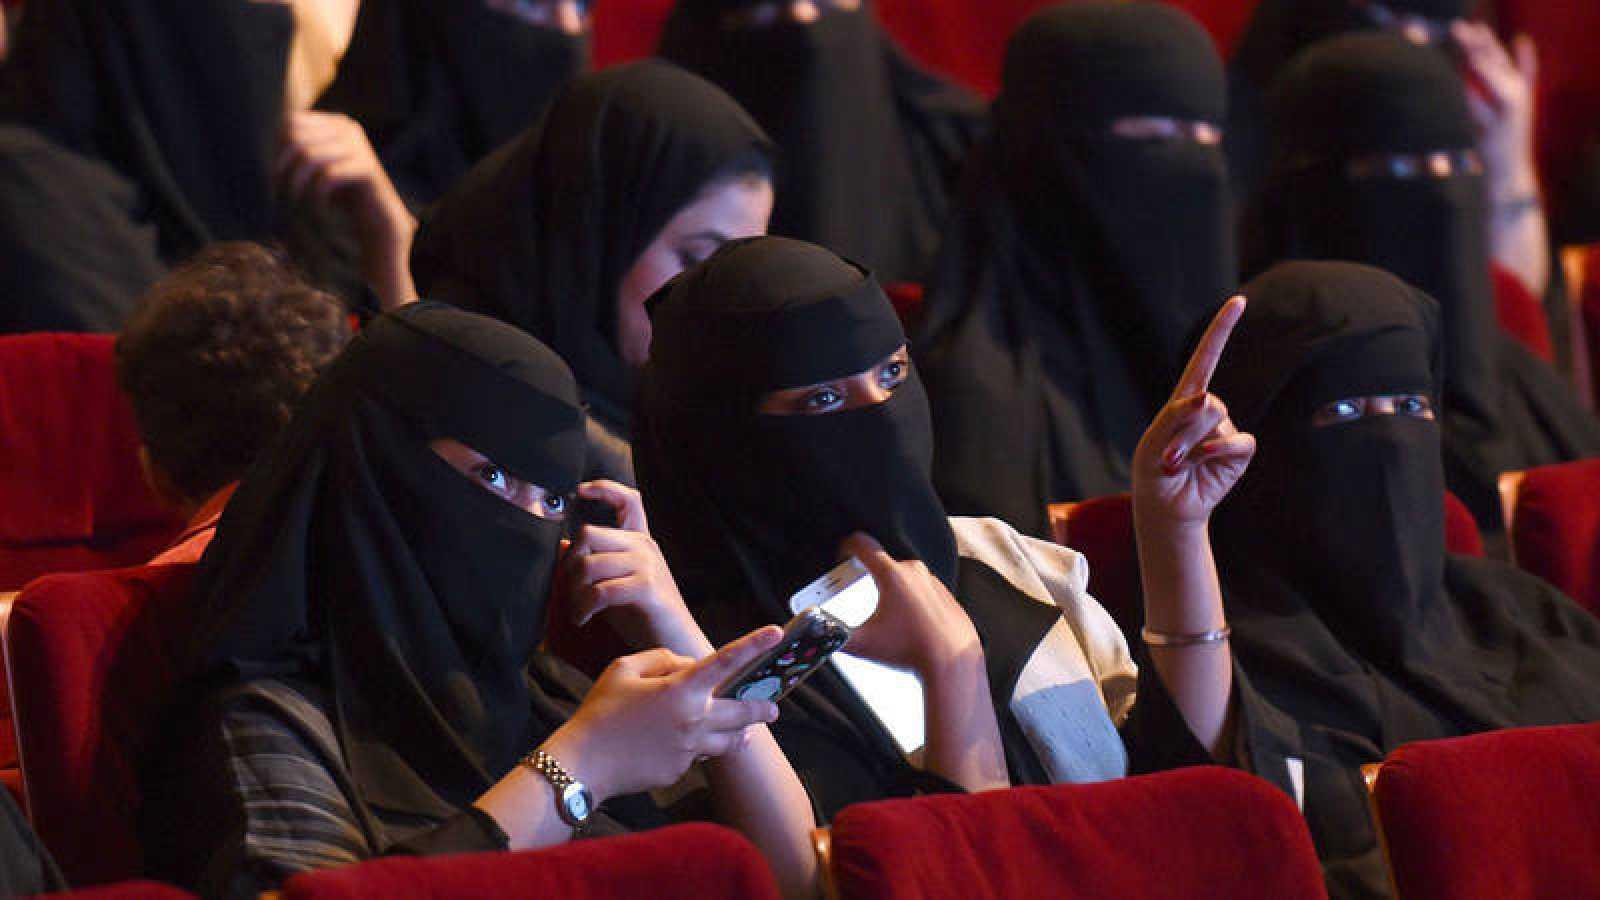 Arabia Saudí autorizará la apertura de los primeros cines en 2018, después de 35 años